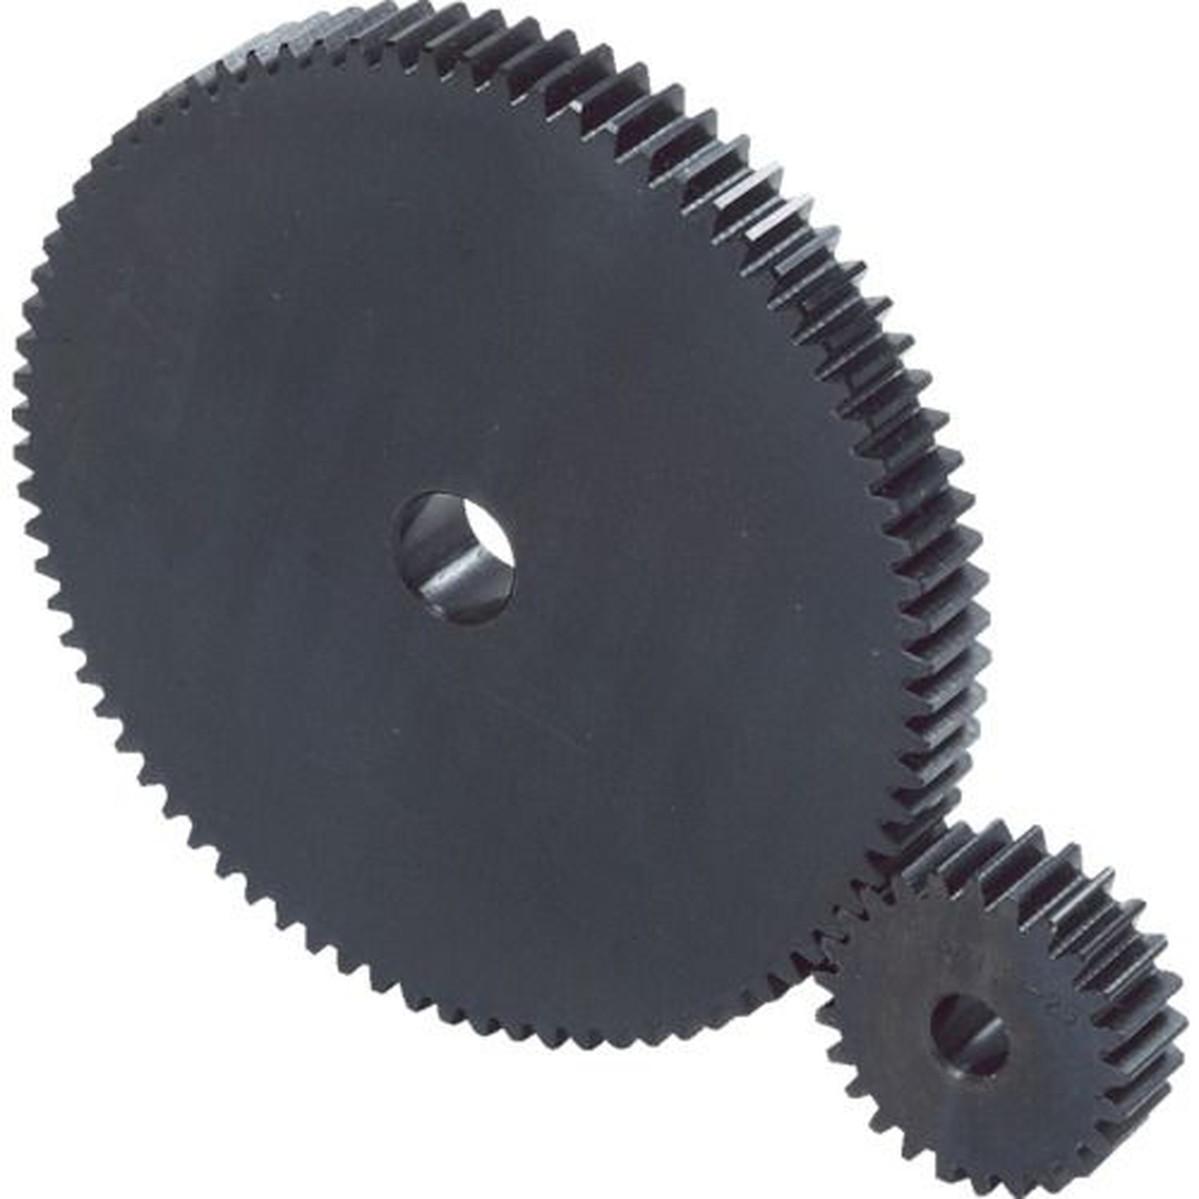 あす楽対応 人気の製品 DIY用品 KHK 1個 爆安 平歯車SSA4-50